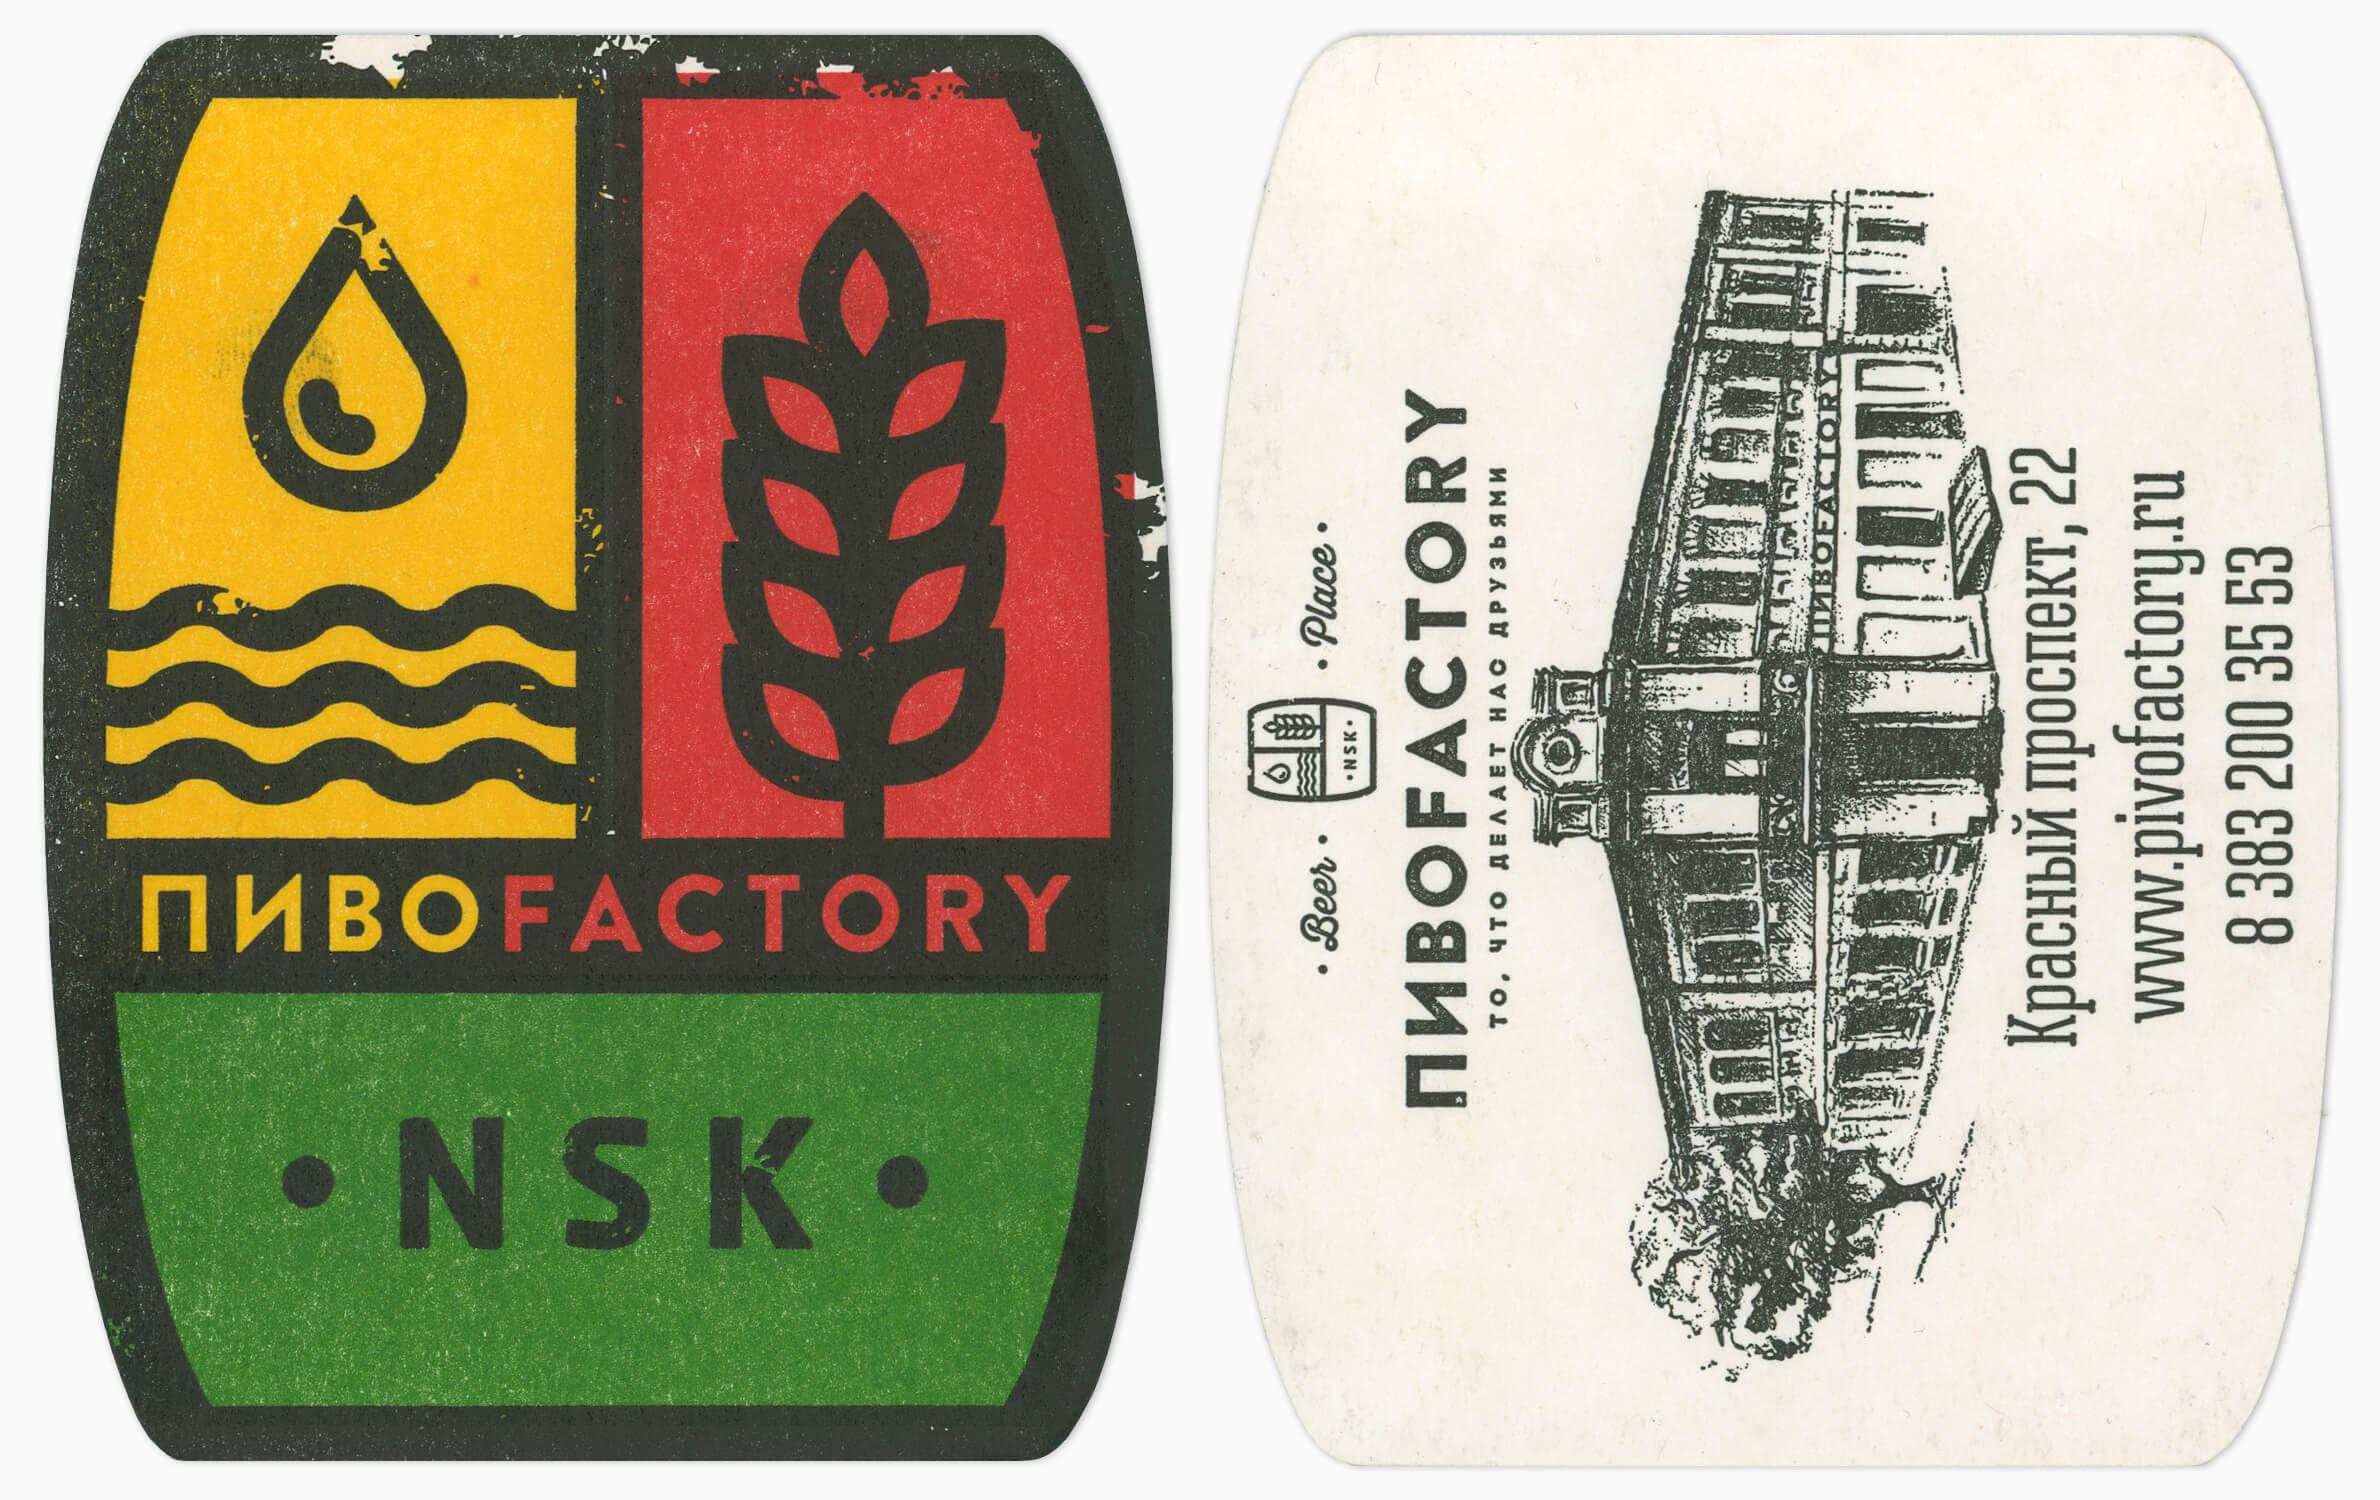 ПивоFactory #537